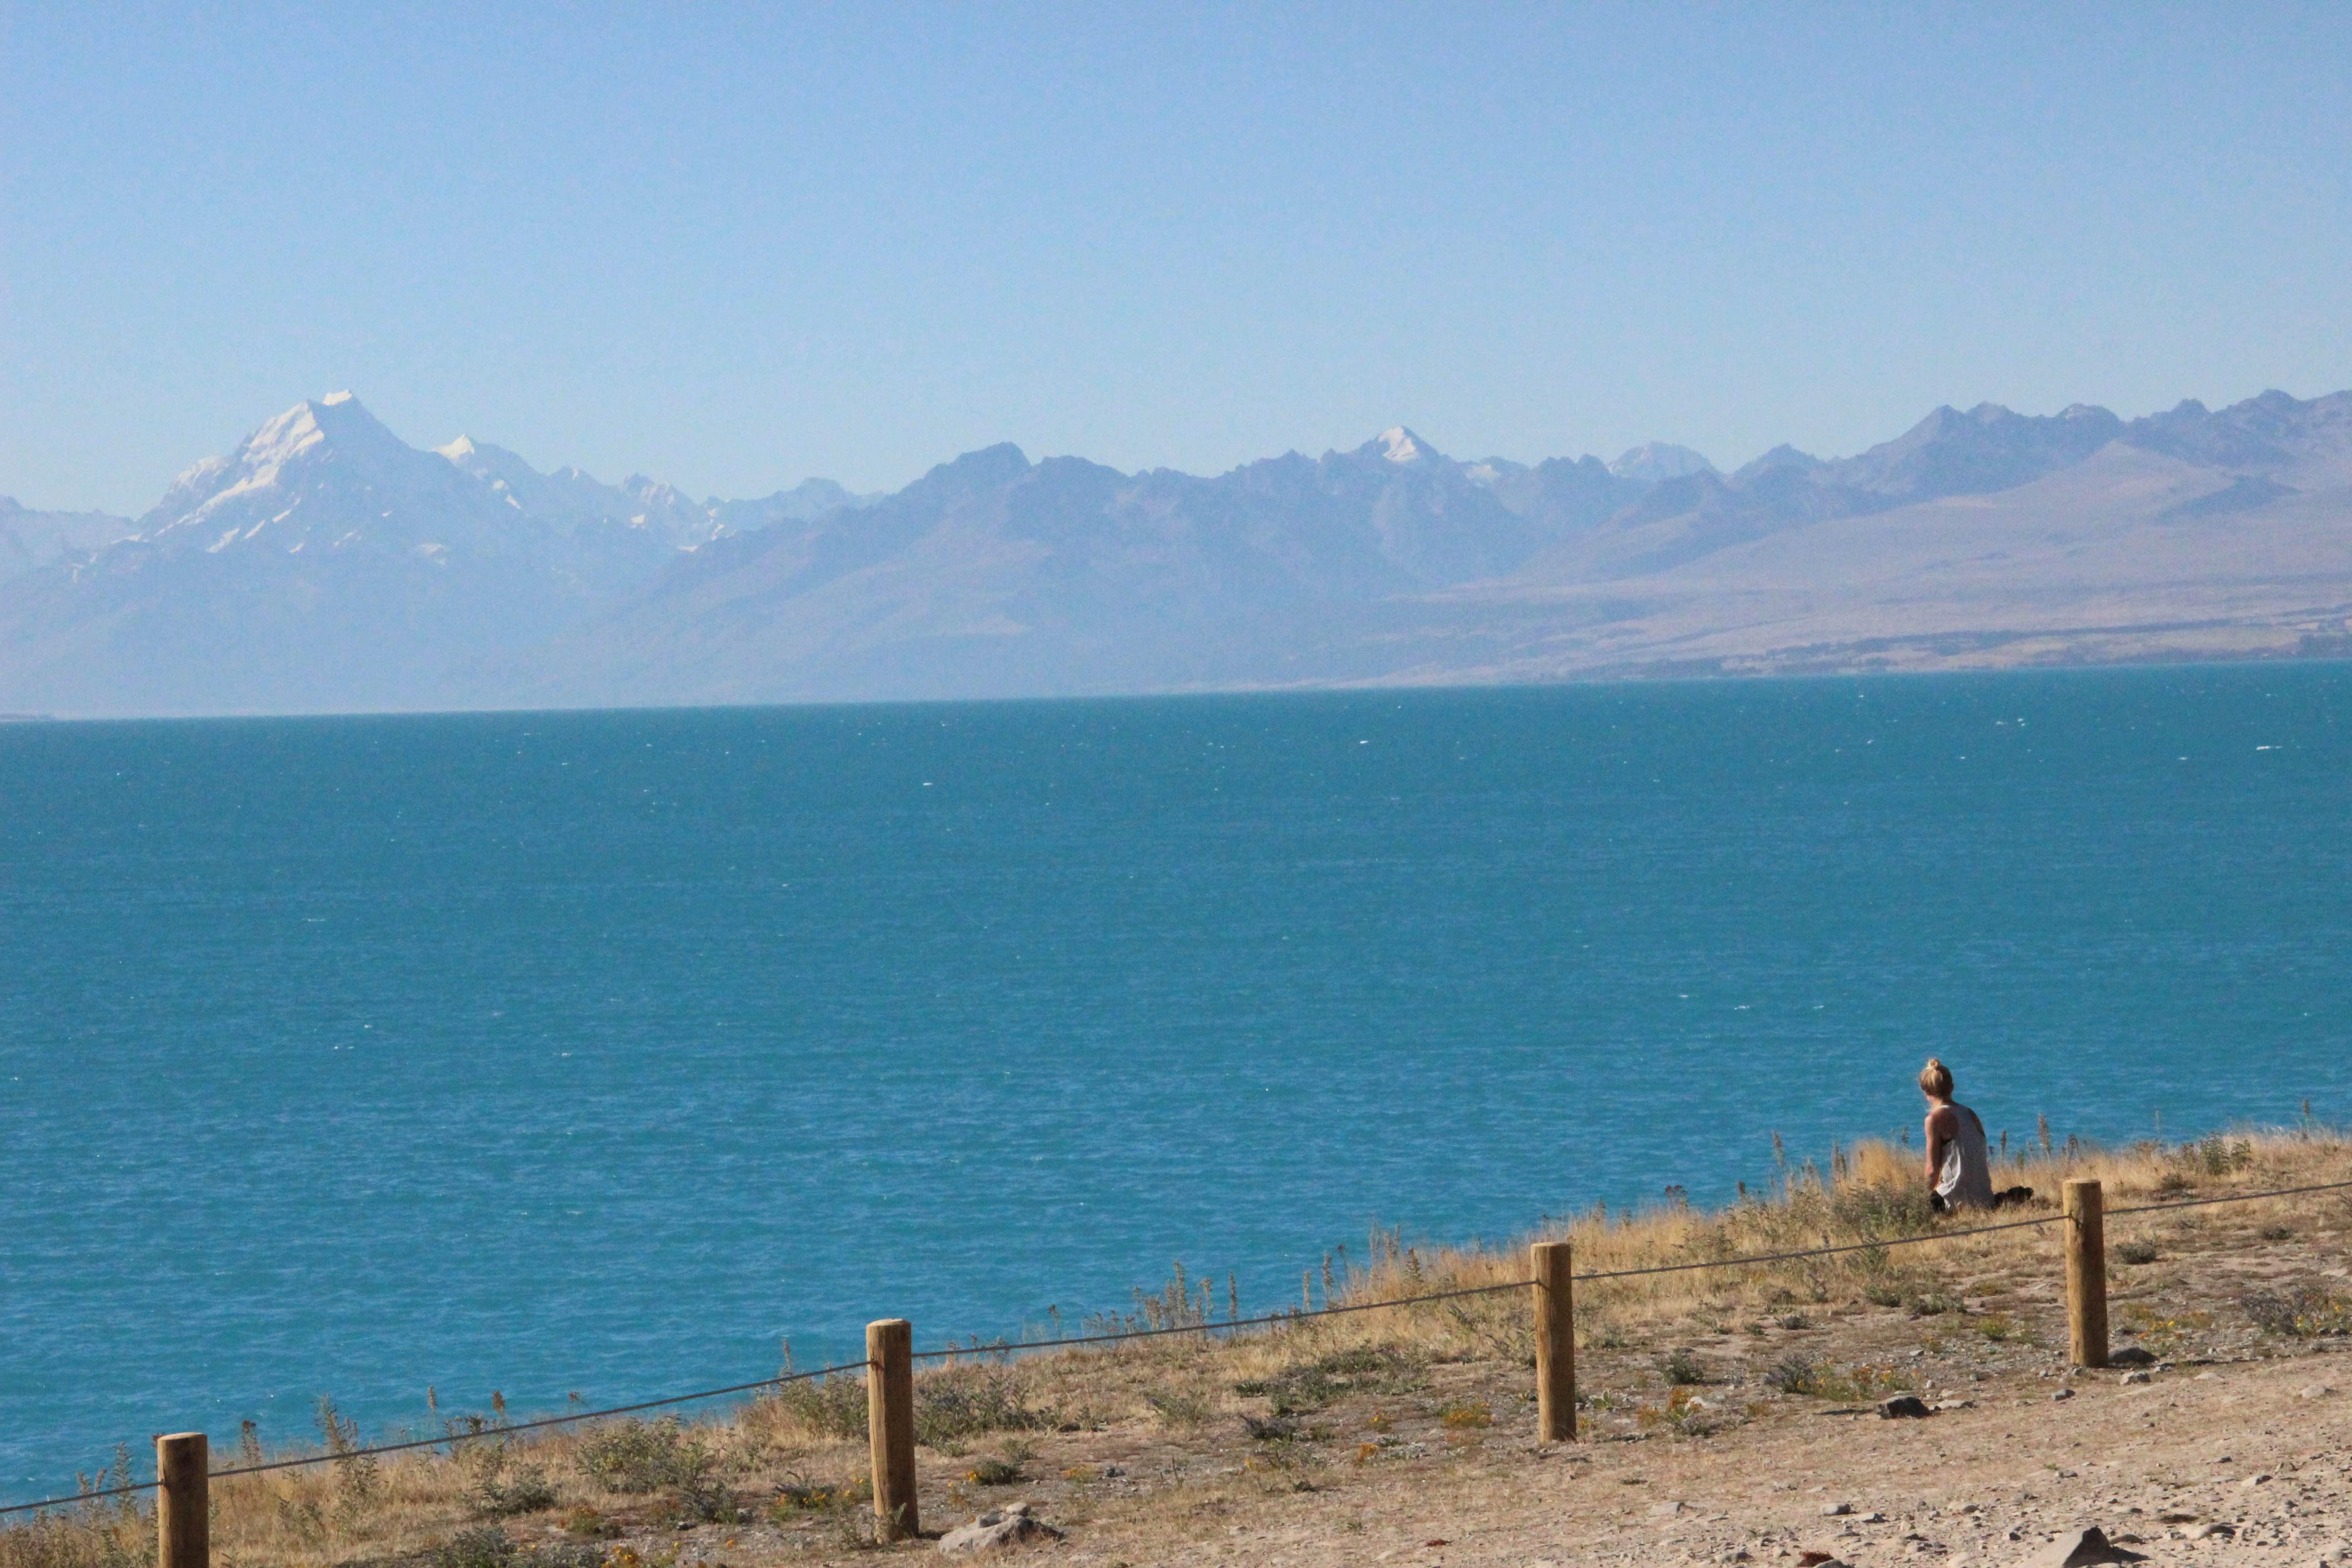 Weltreise_Backpacking_Neuseeland_Lake_Pukaki